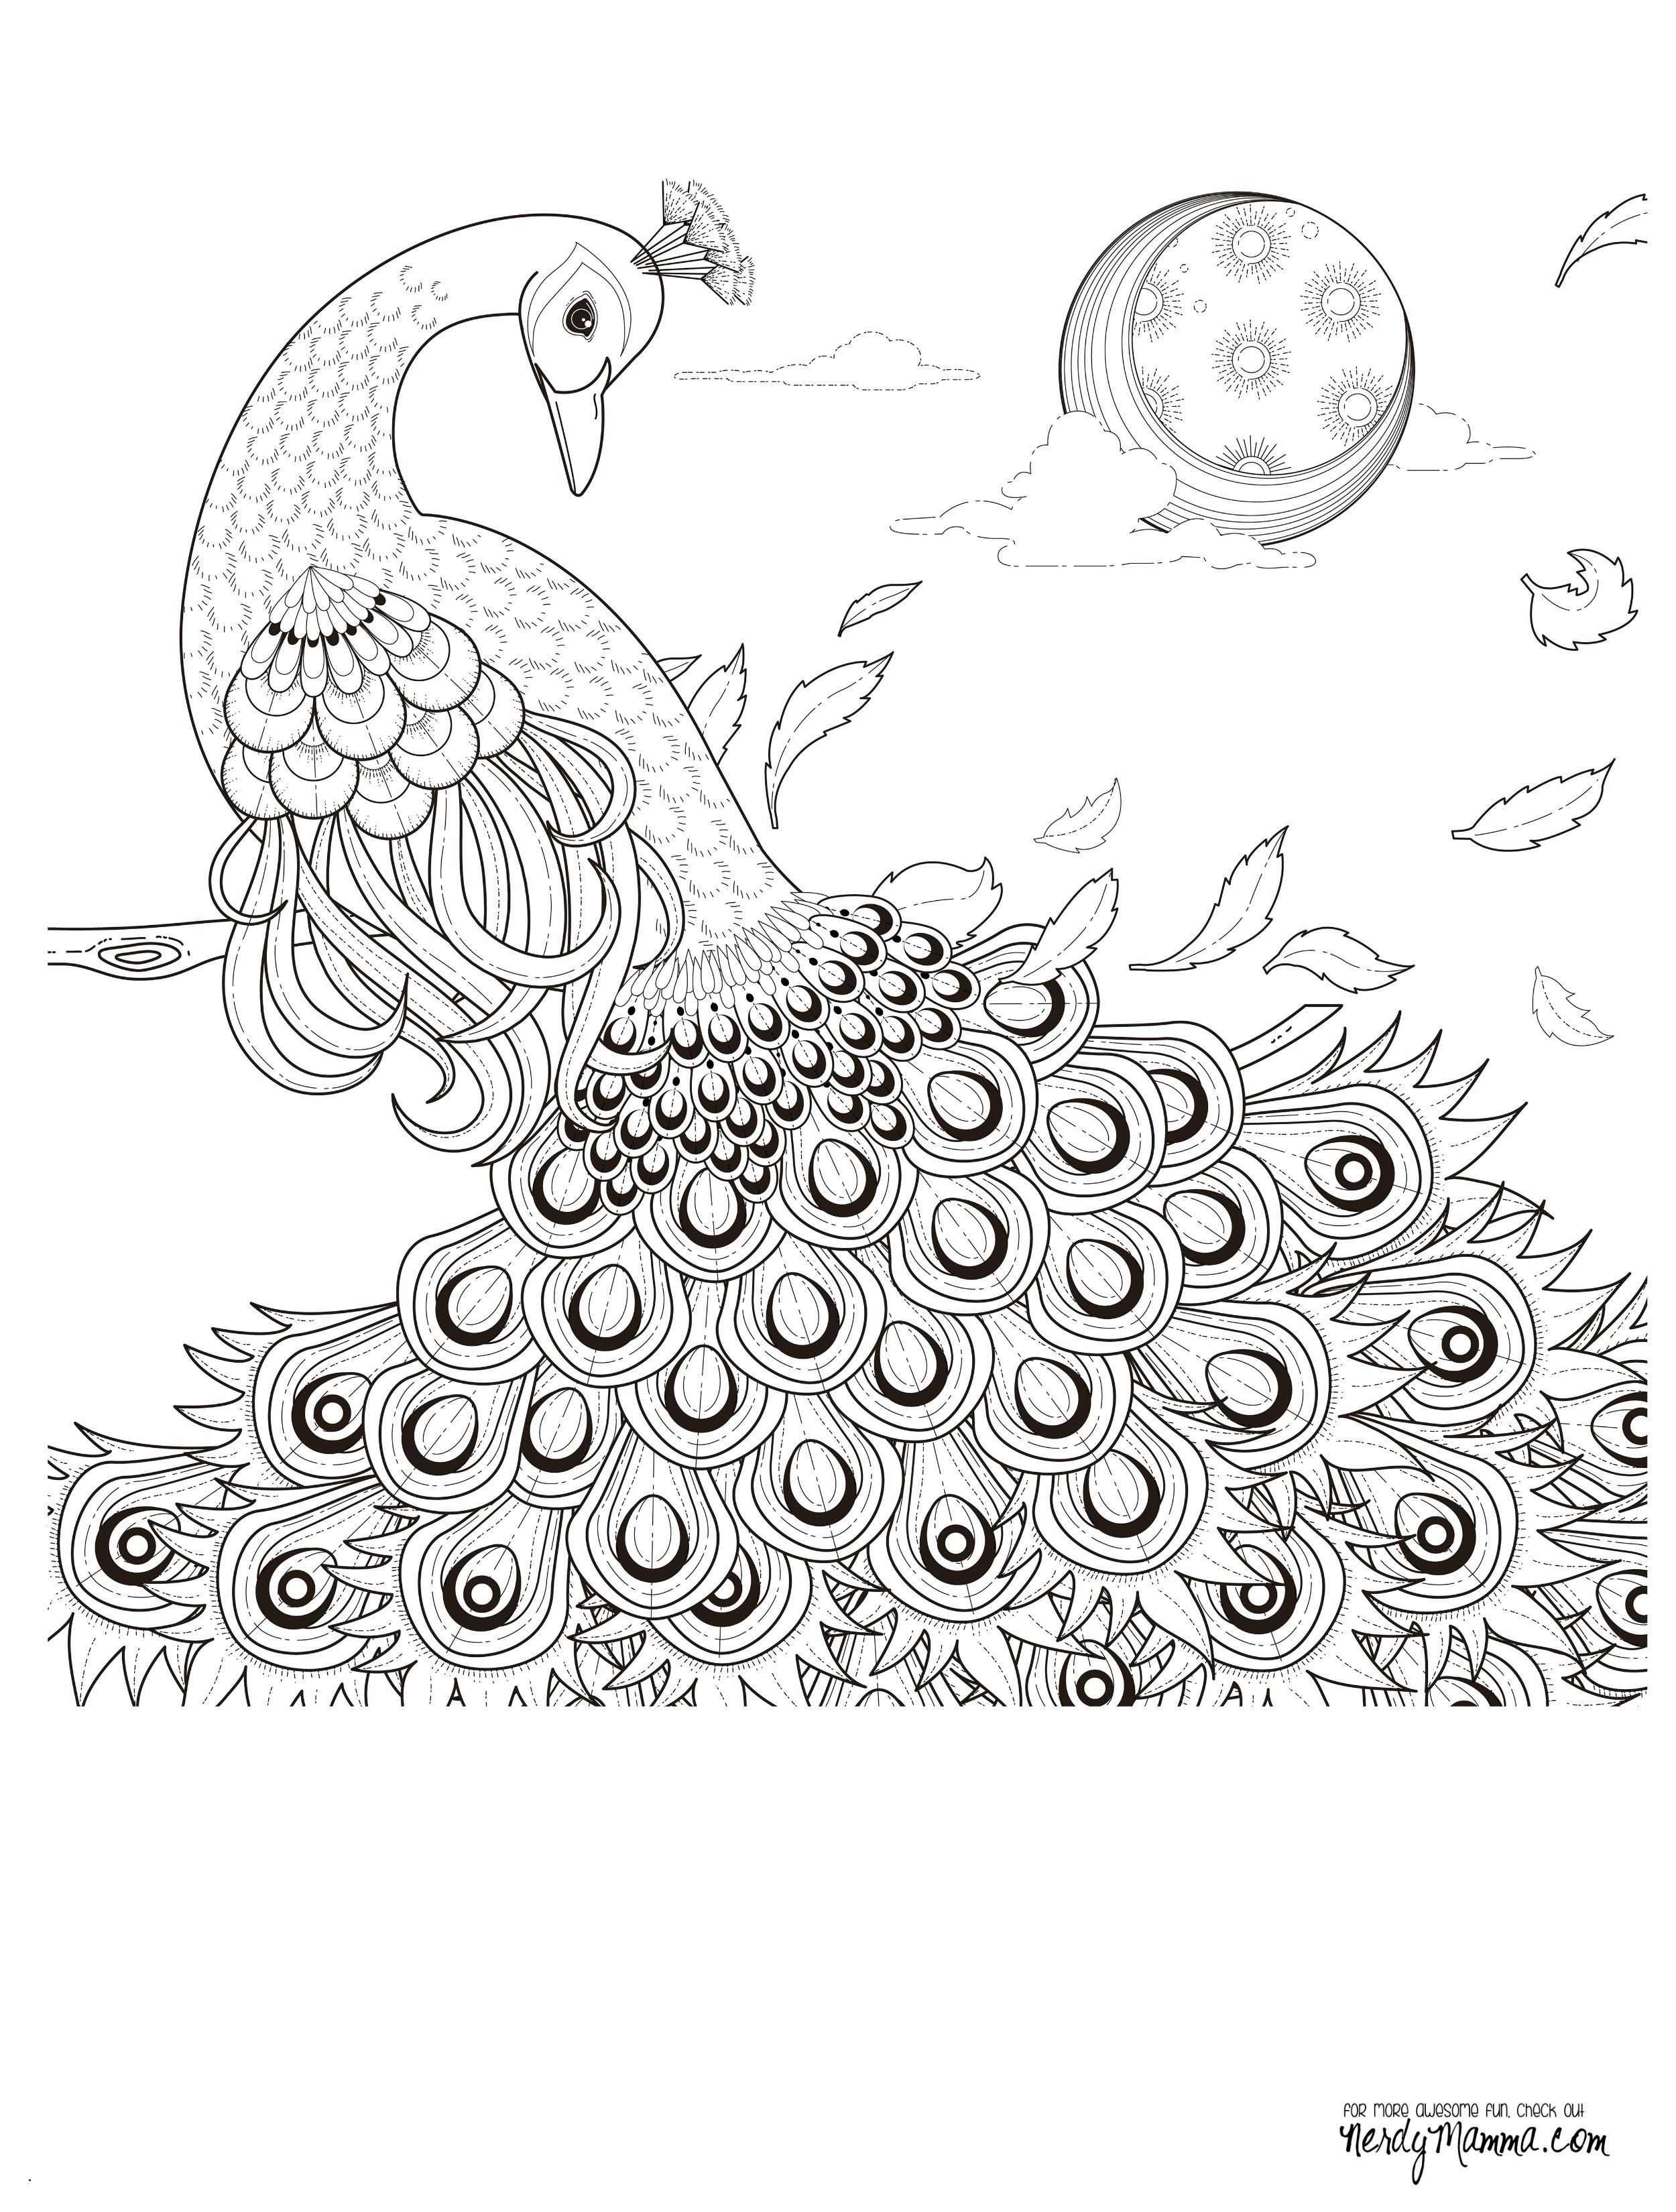 Eulen Zum Ausdrucken Genial 40 Skizze Ausmalbilder Kostenlos Eulen Treehouse Nyc Galerie